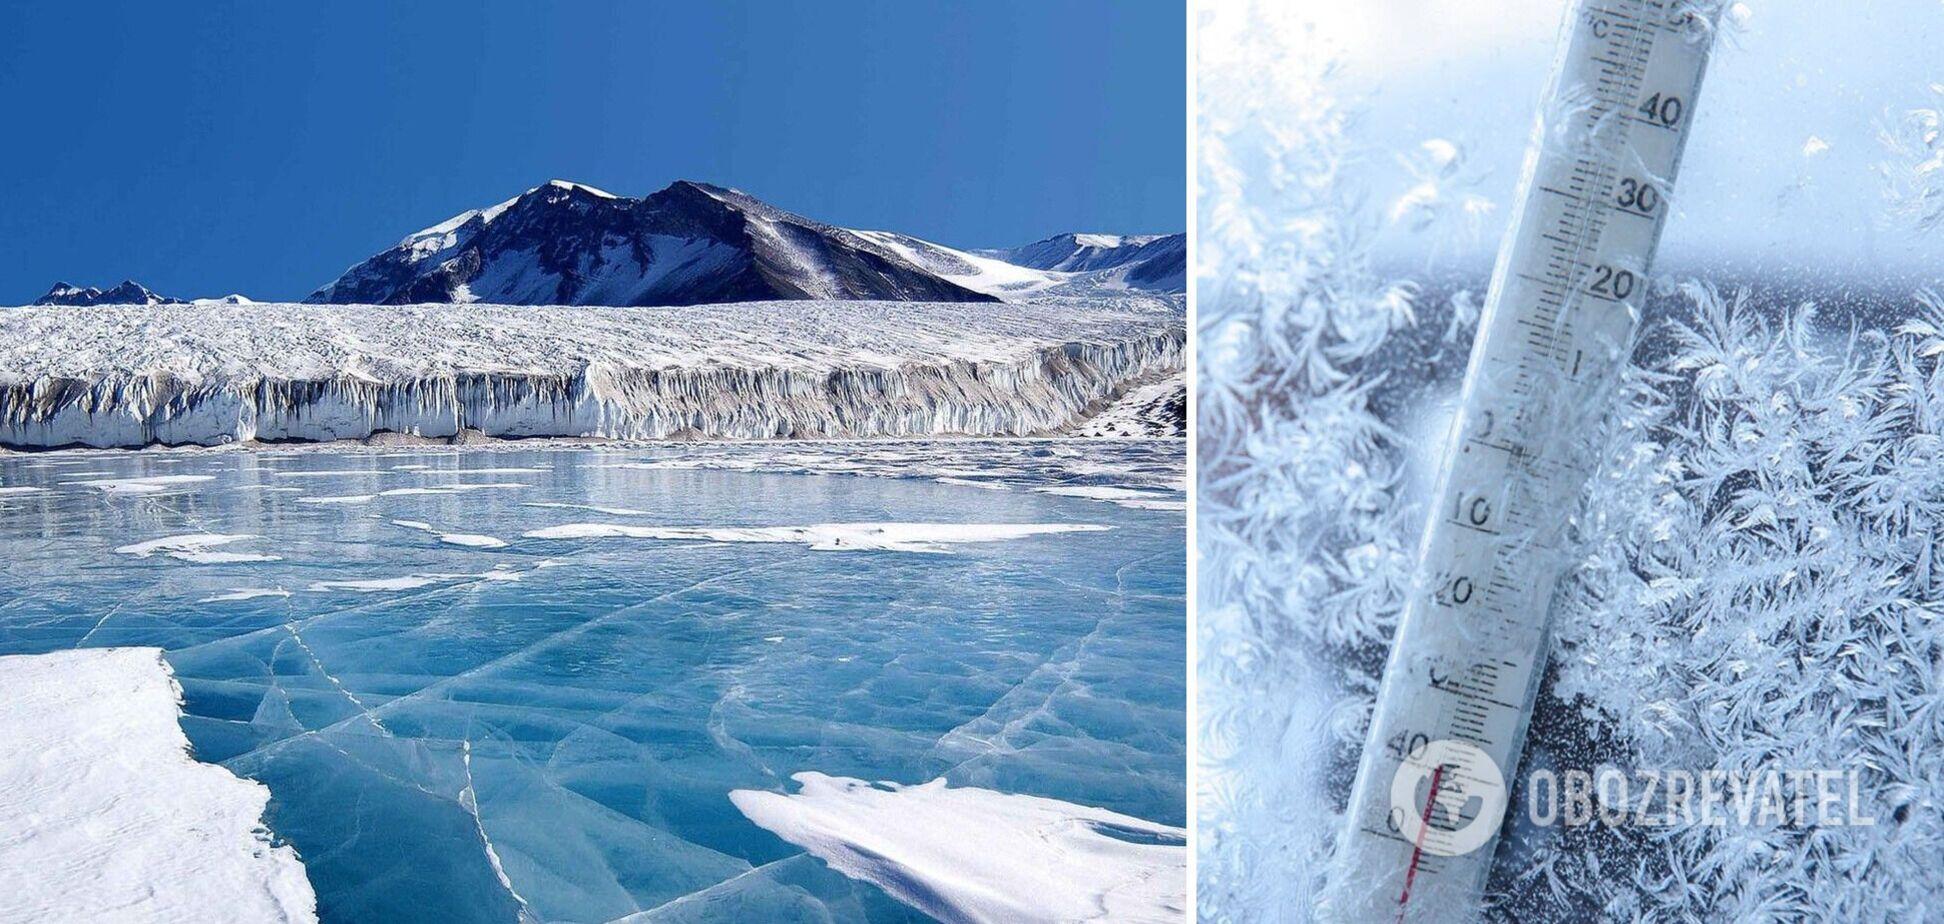 В Антарктиді зафіксували аномально низьку температуру за 45 років спостережень